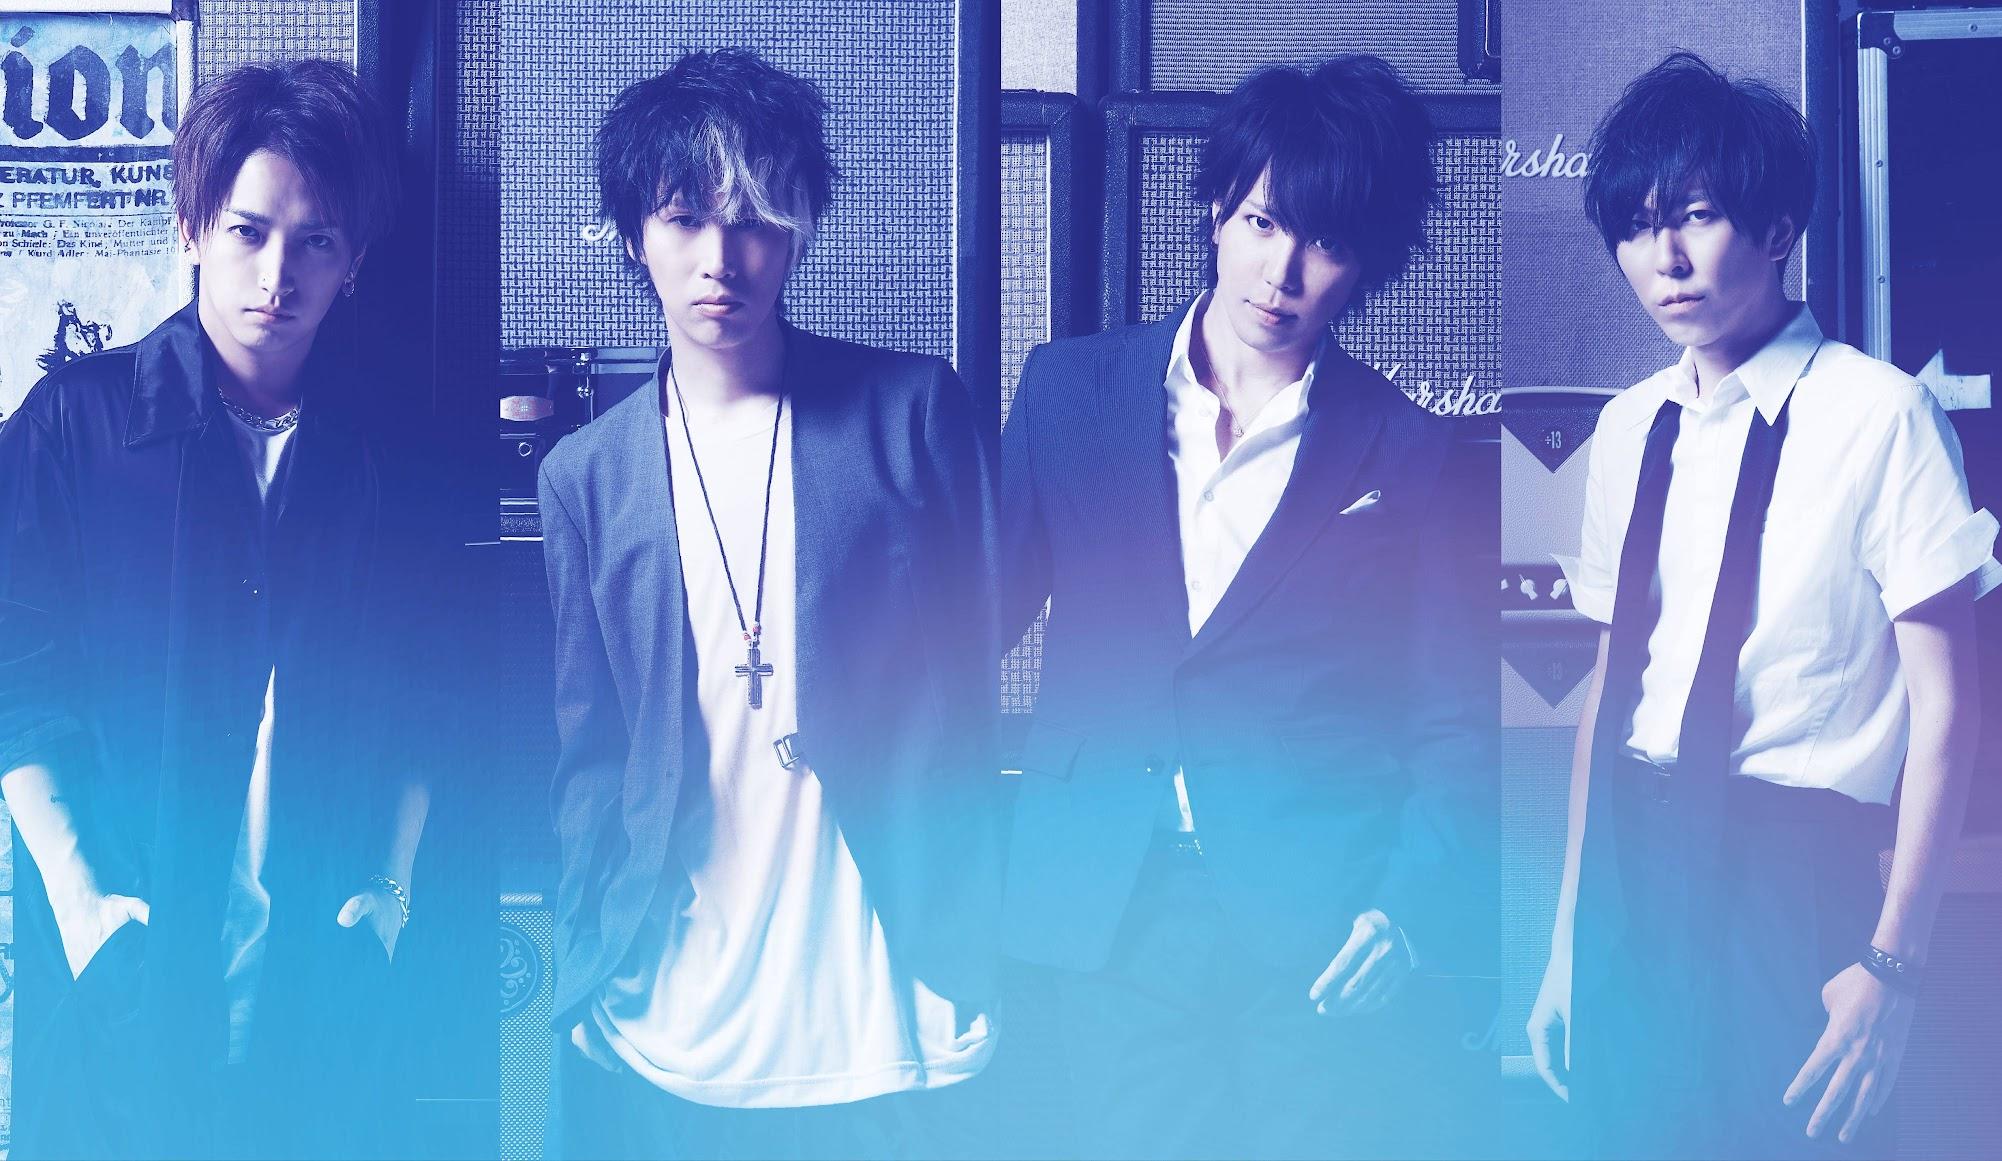 [迷迷演唱會] 超人氣搖滾樂團SID強勢回歸 「最喜歡的地方」就在台灣